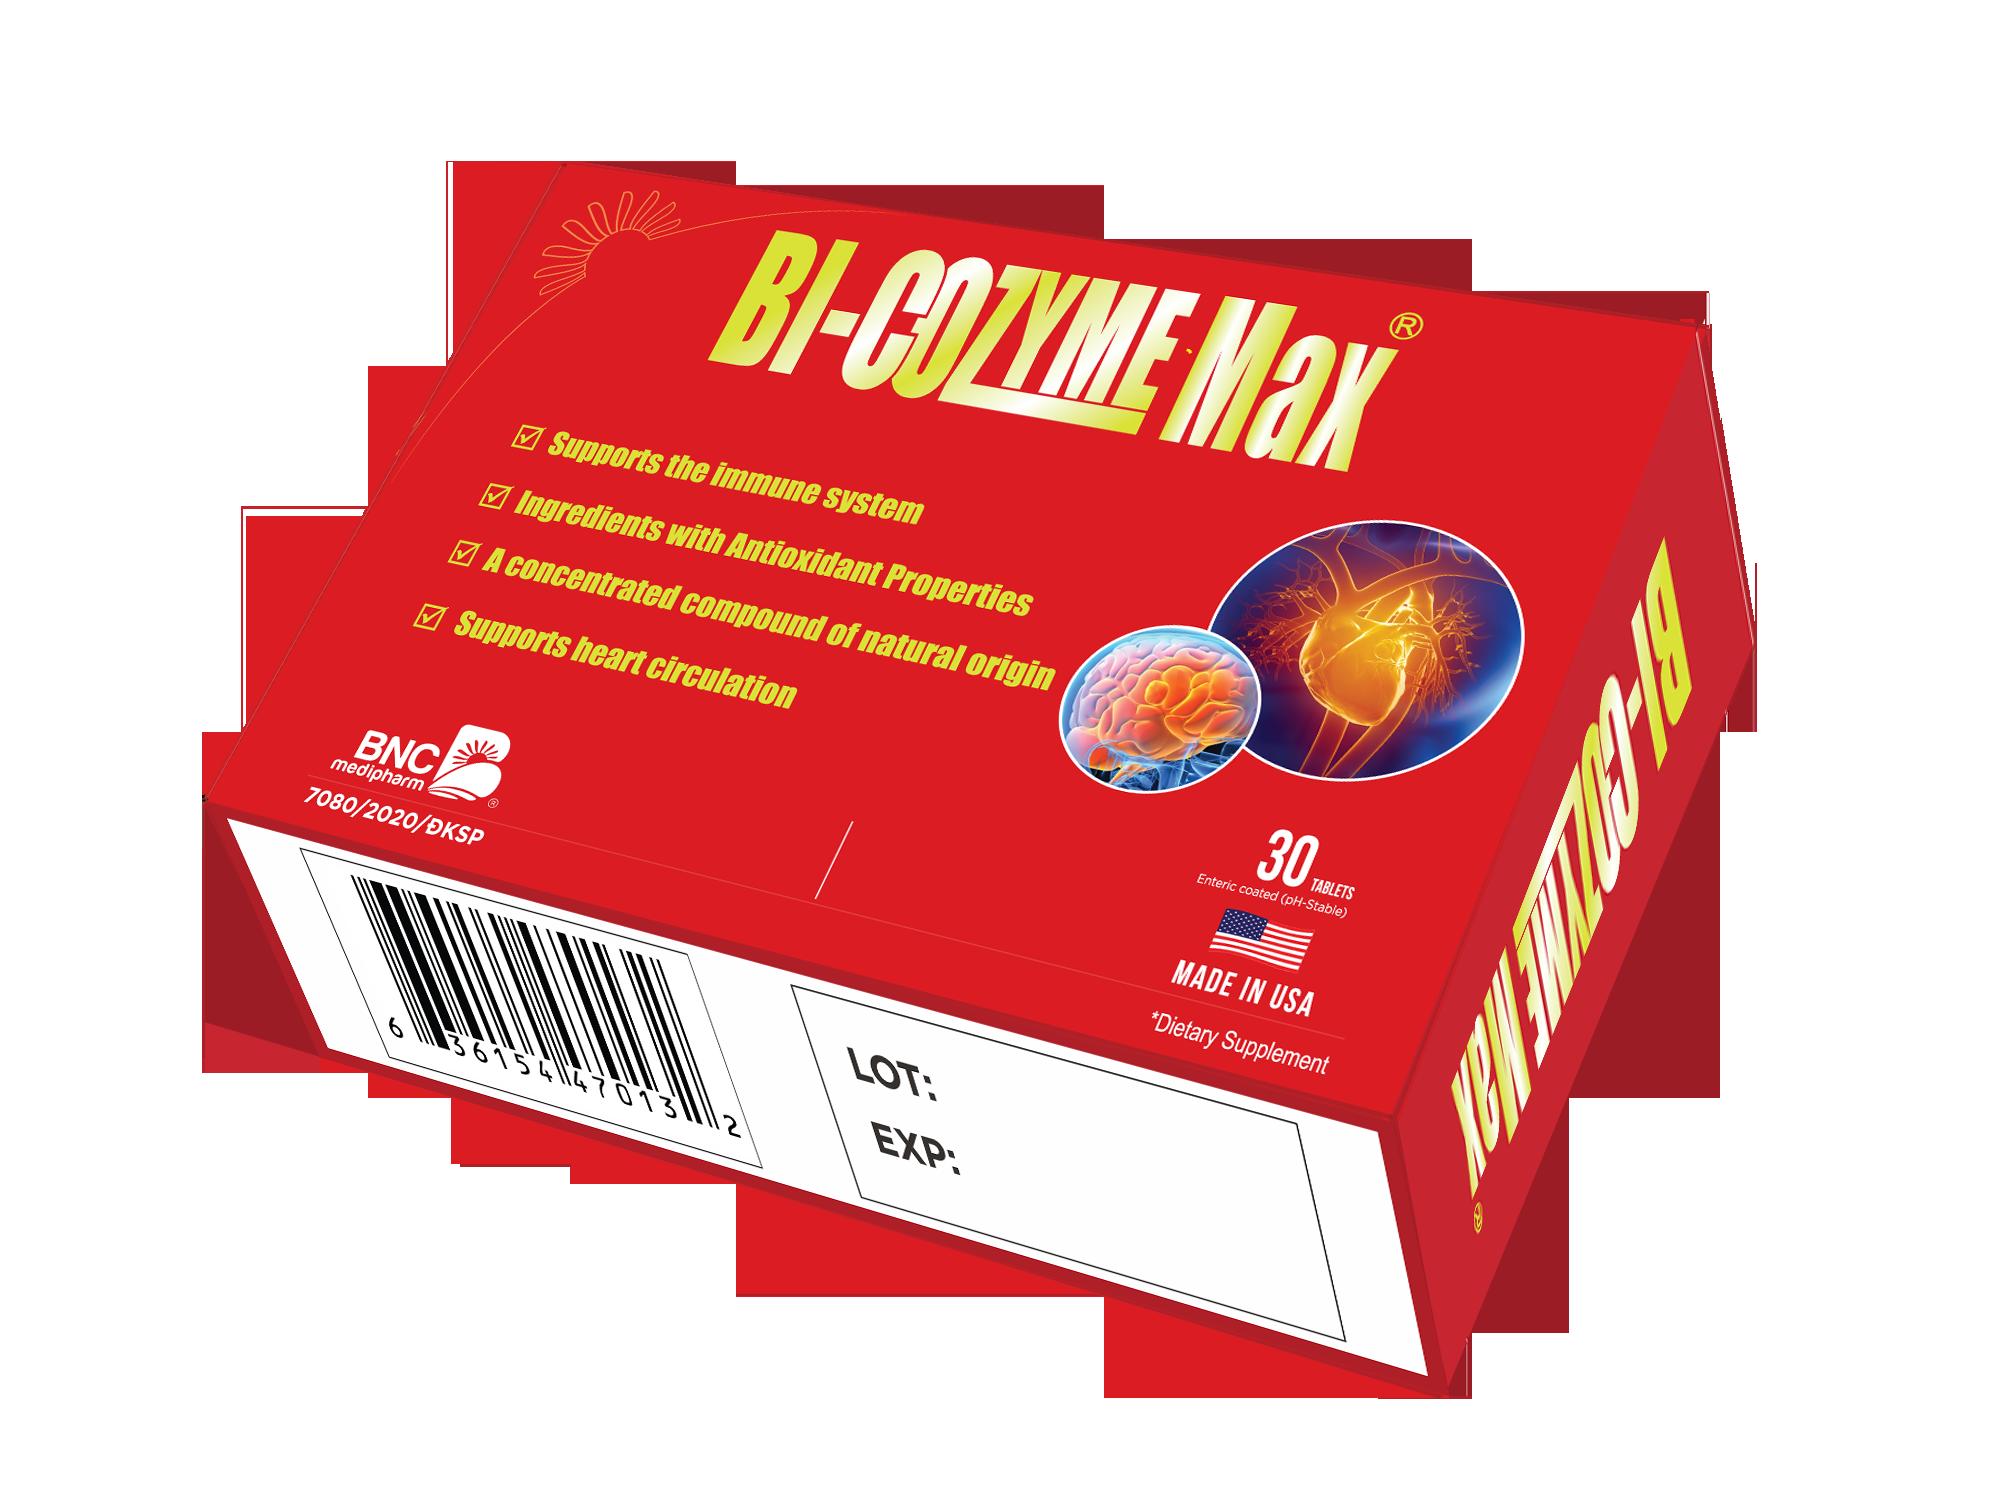 bi-cozyme max